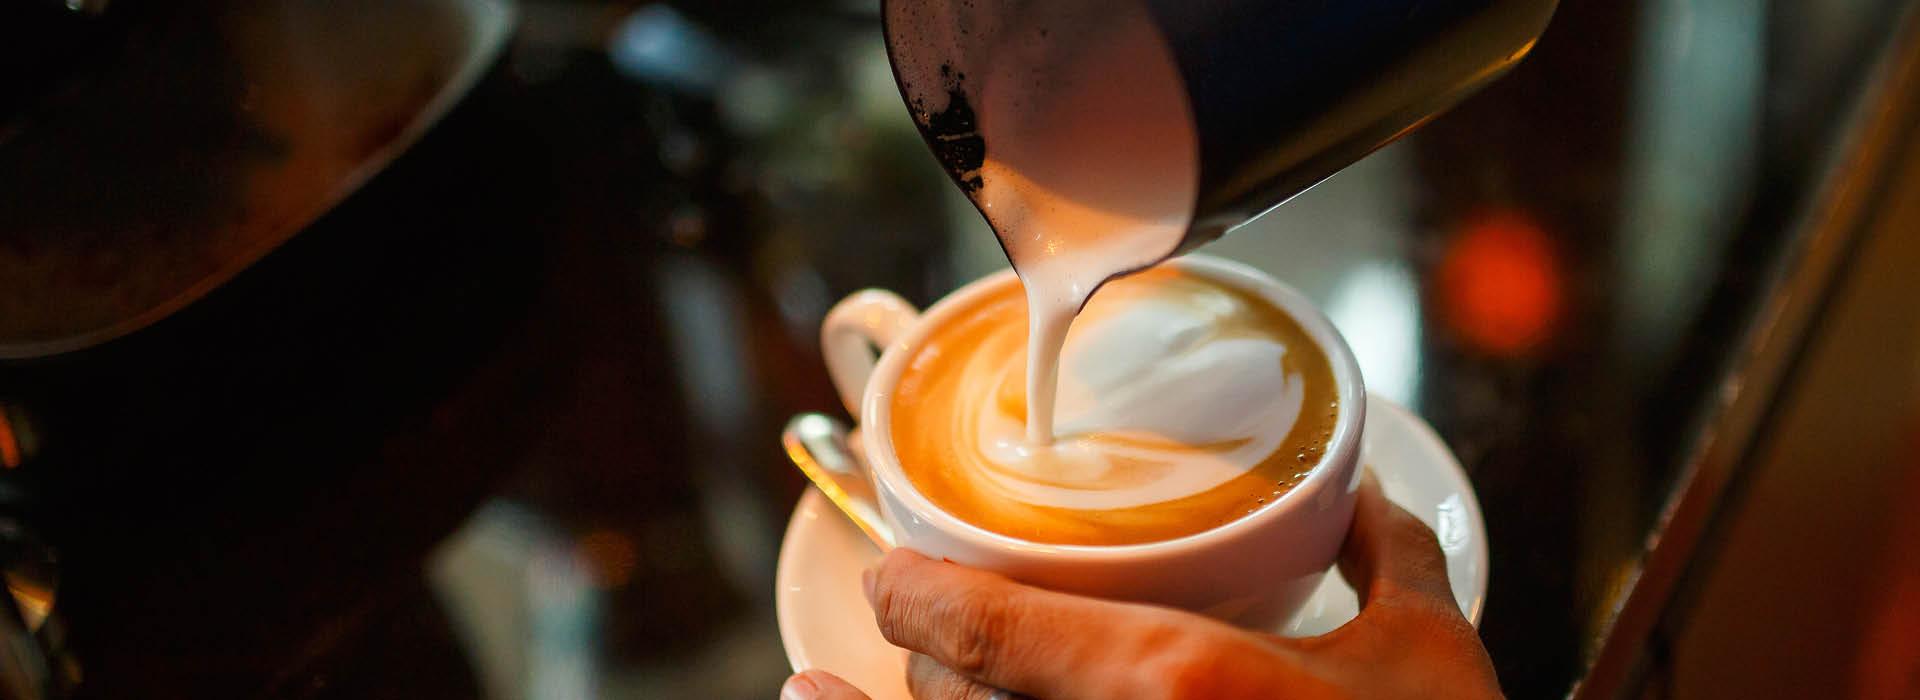 Kaffee-1